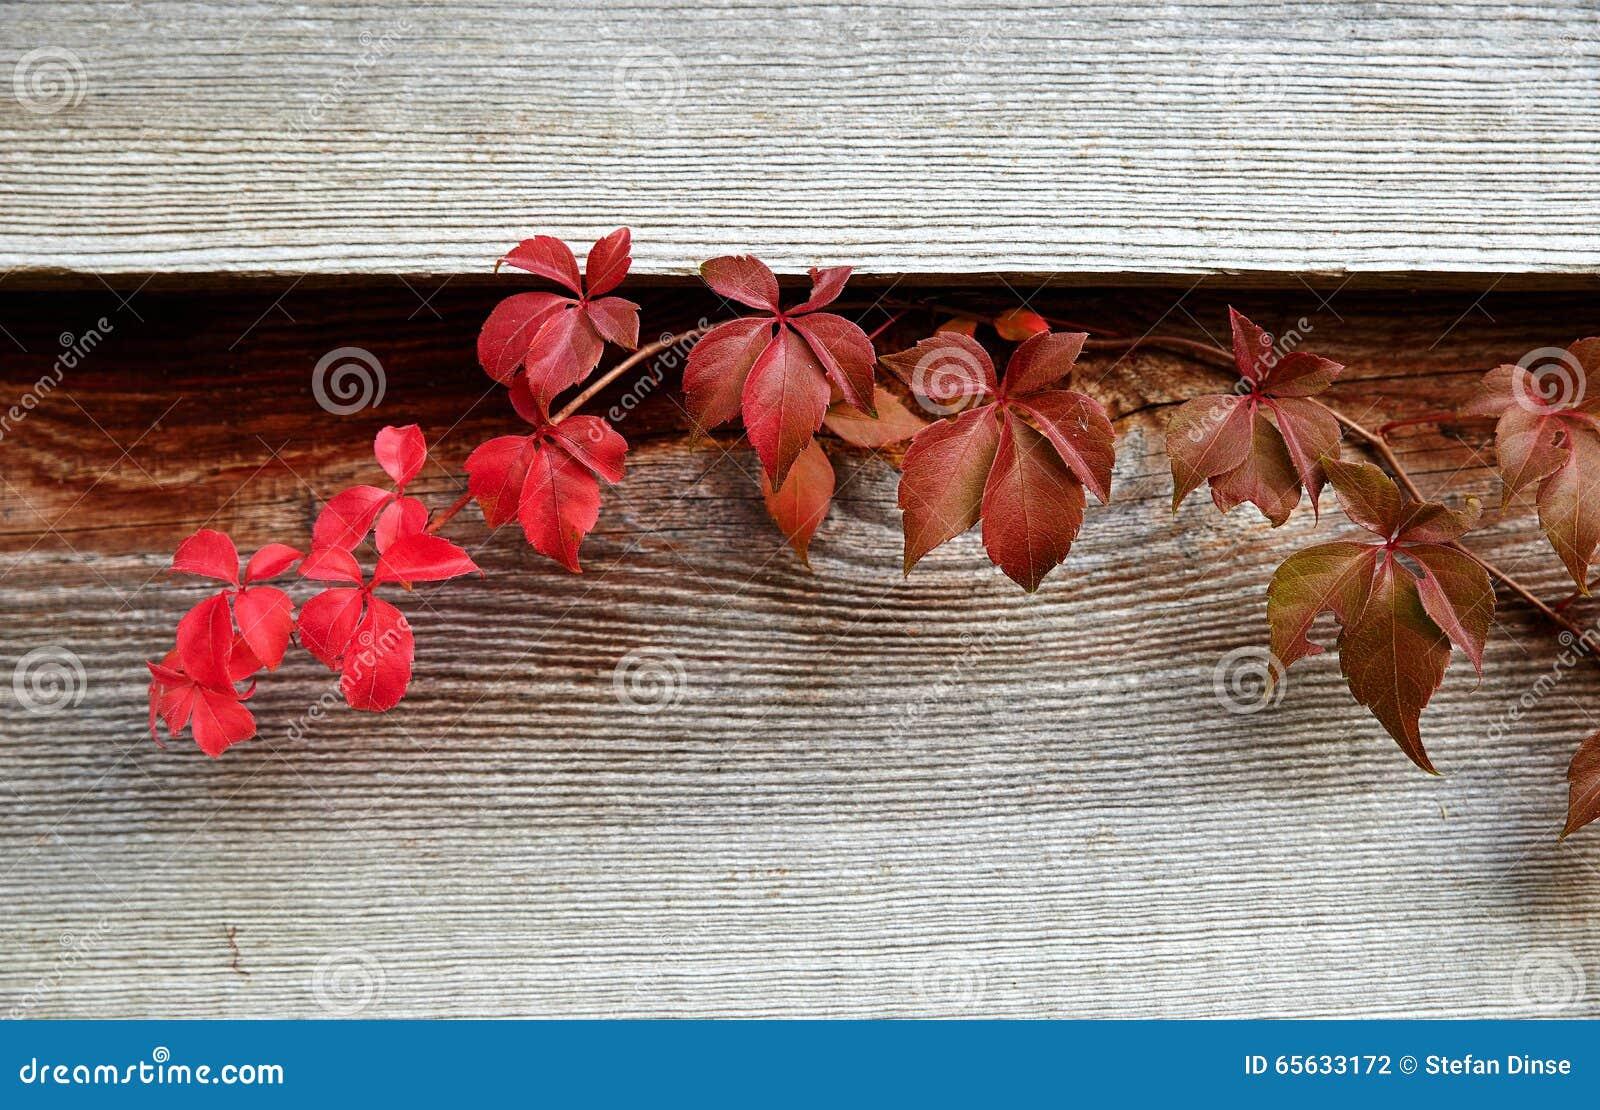 Chèvrefeuille en automne